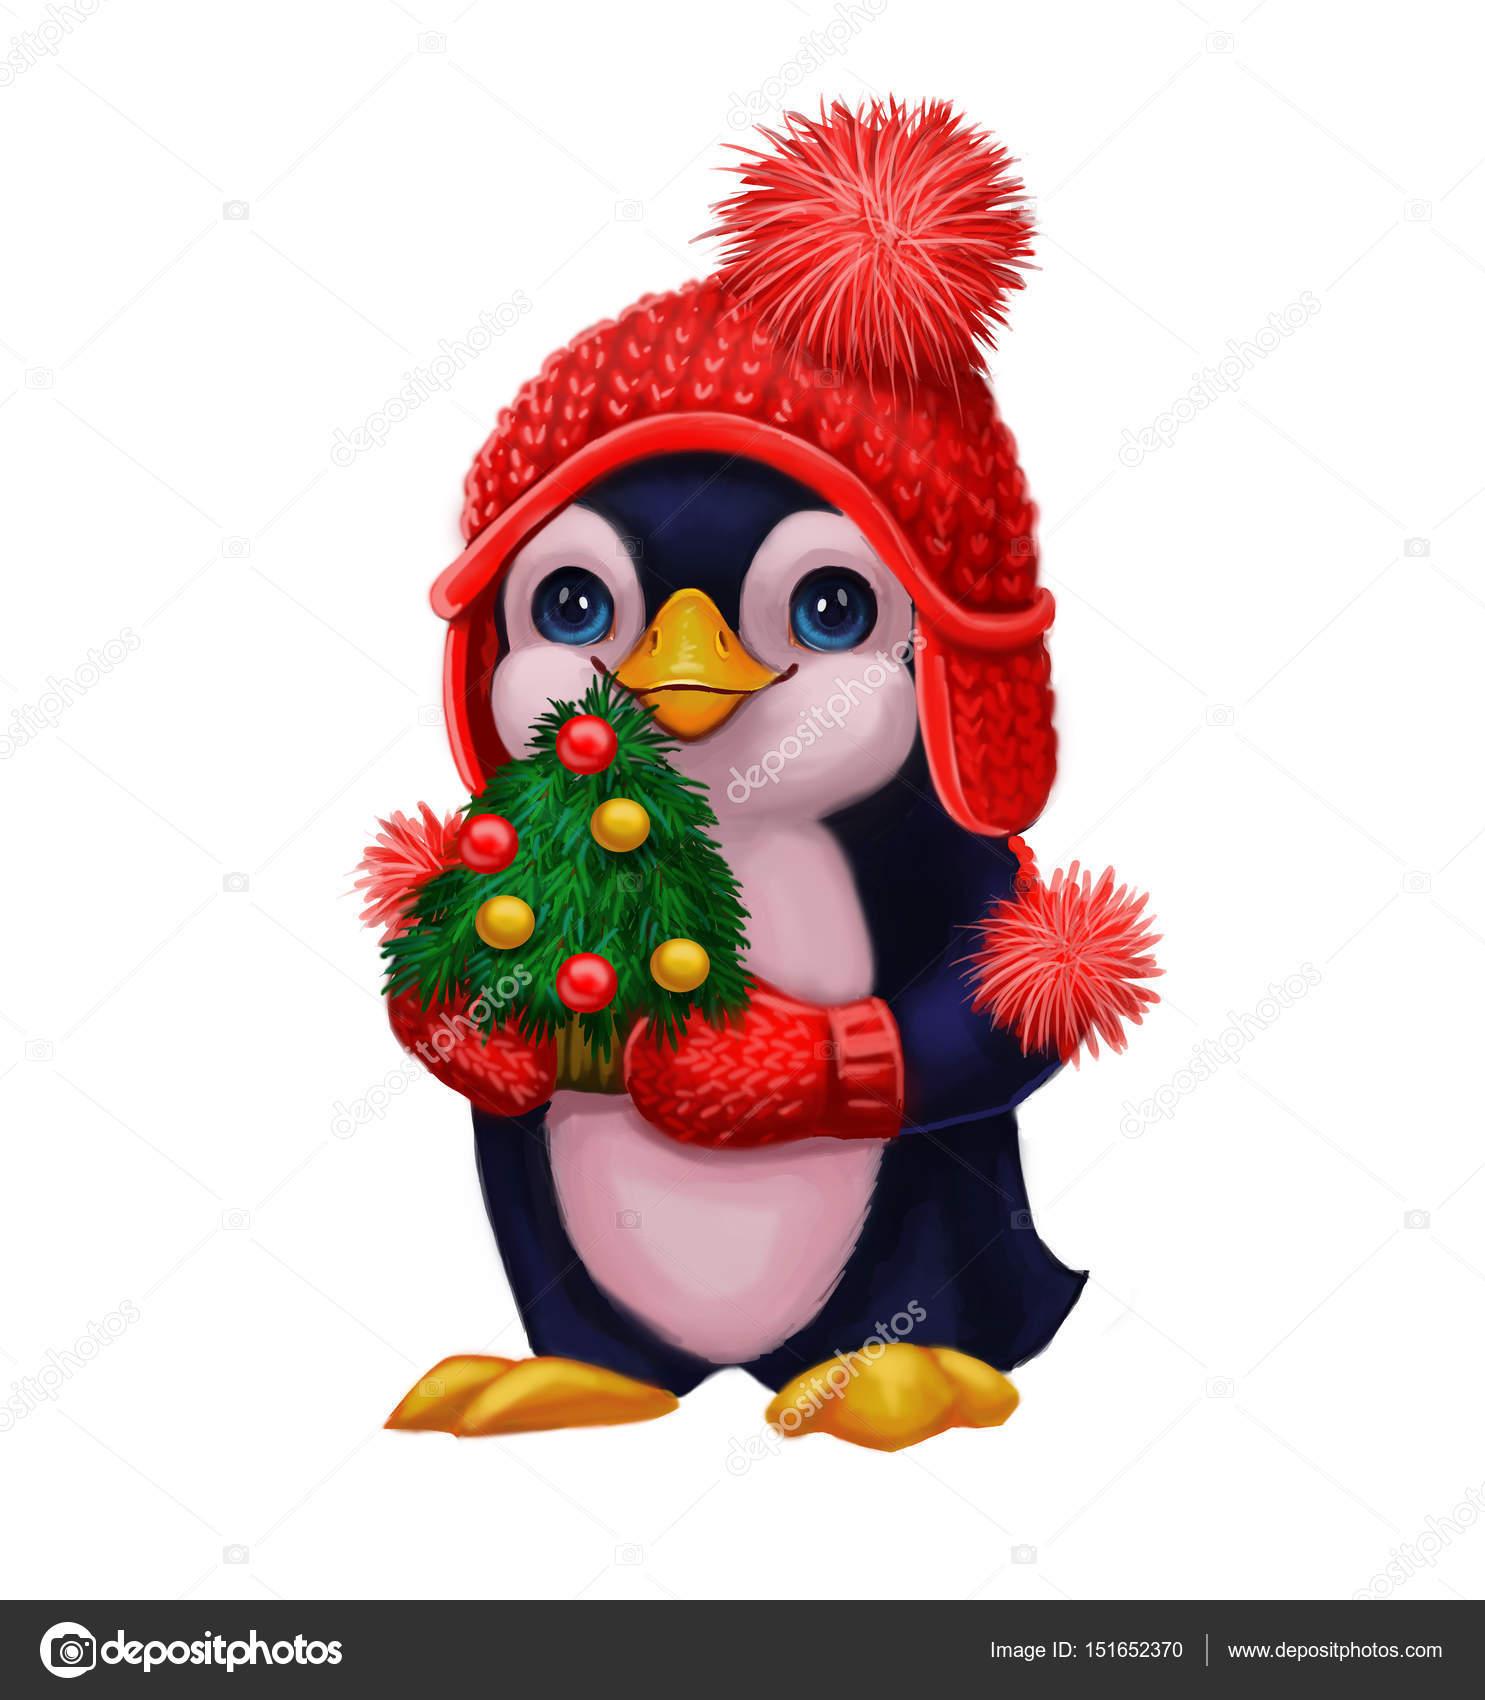 weihnachts und neujahrsgr e mit kleinen pinguin in. Black Bedroom Furniture Sets. Home Design Ideas